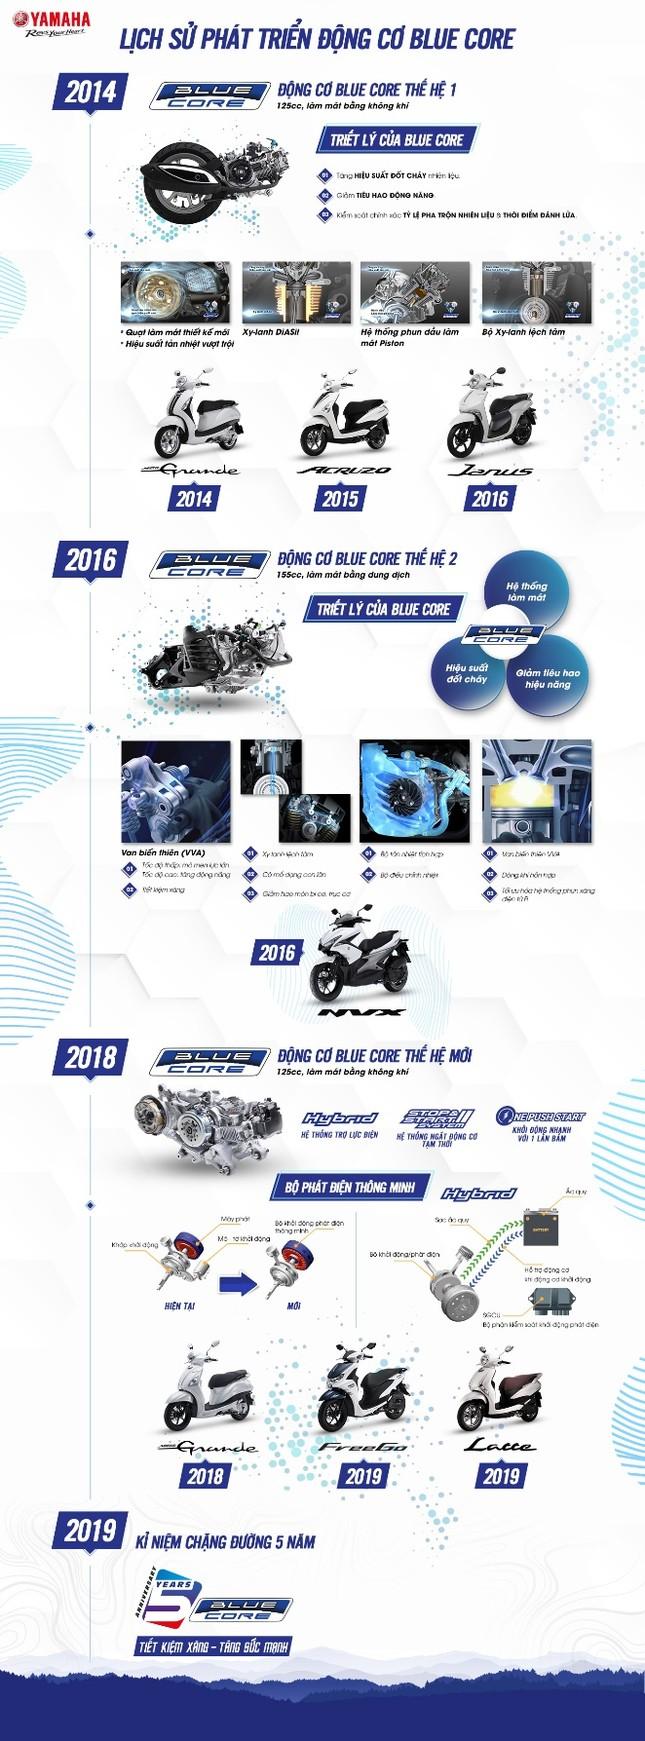 Blue Core - 'át chủ bài' tiết kiệm xăng của xe tay ga Yamaha ảnh 2